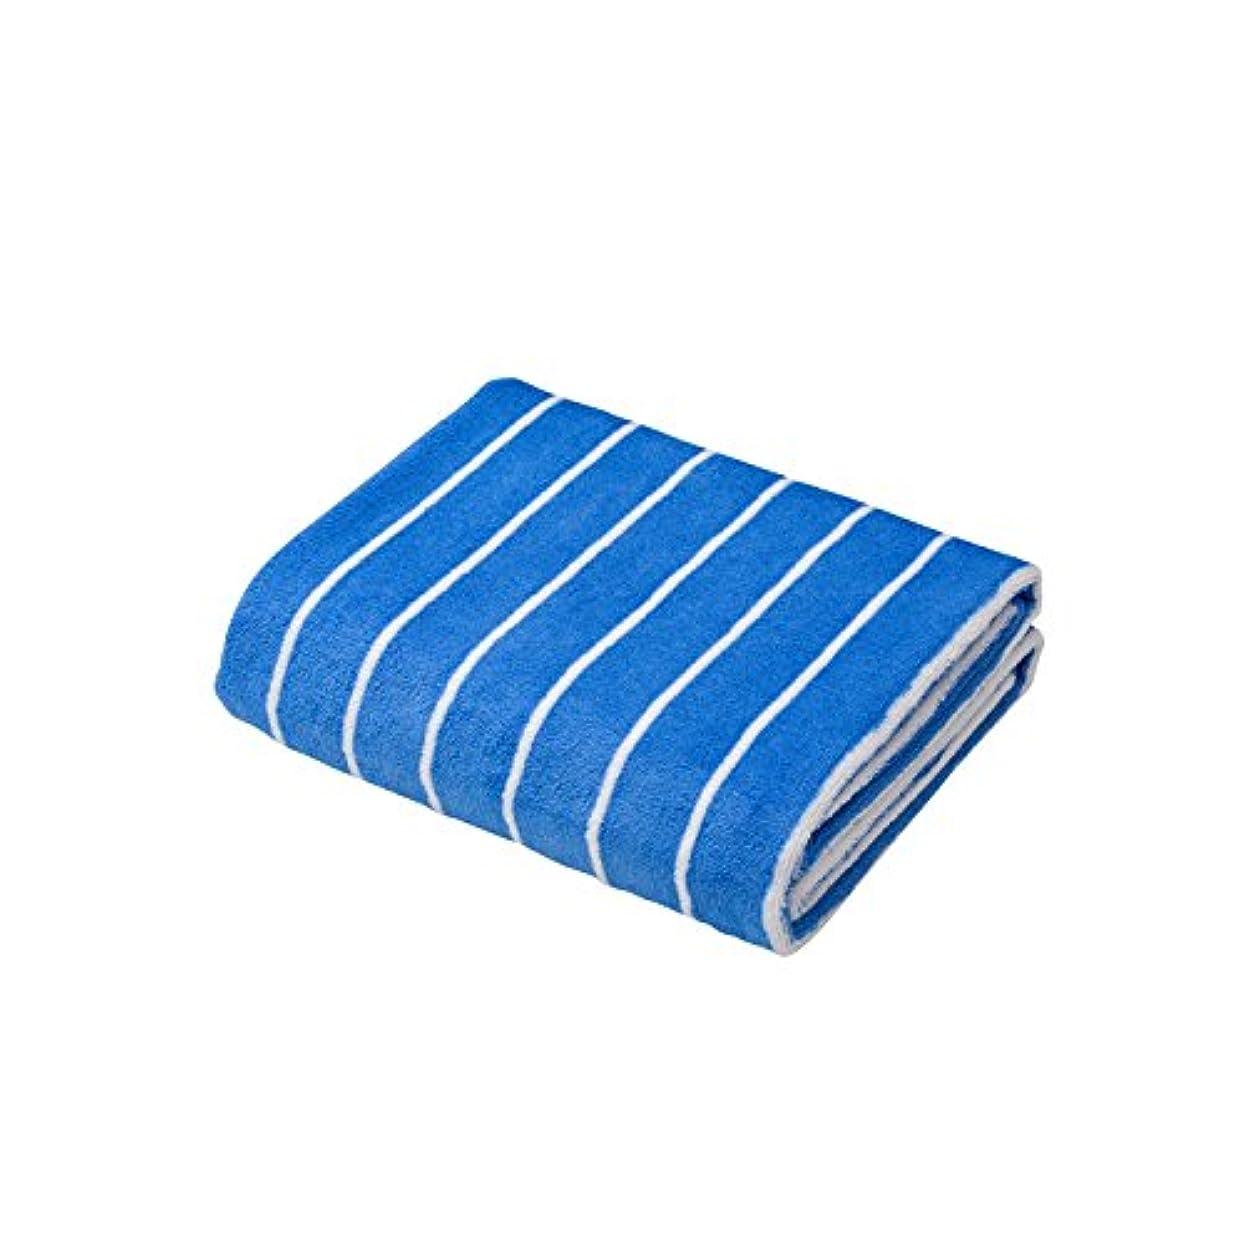 シービージャパン タオル ストライプ ブルー×ホワイト 速乾 ヘアドライタオル マイクロファイバー カラリクオ carari